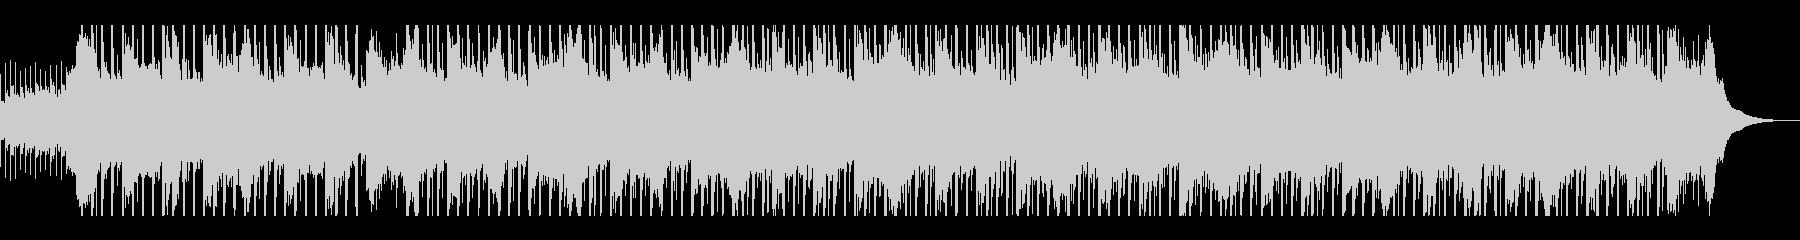 新製品プレゼンテーション(90秒)の未再生の波形